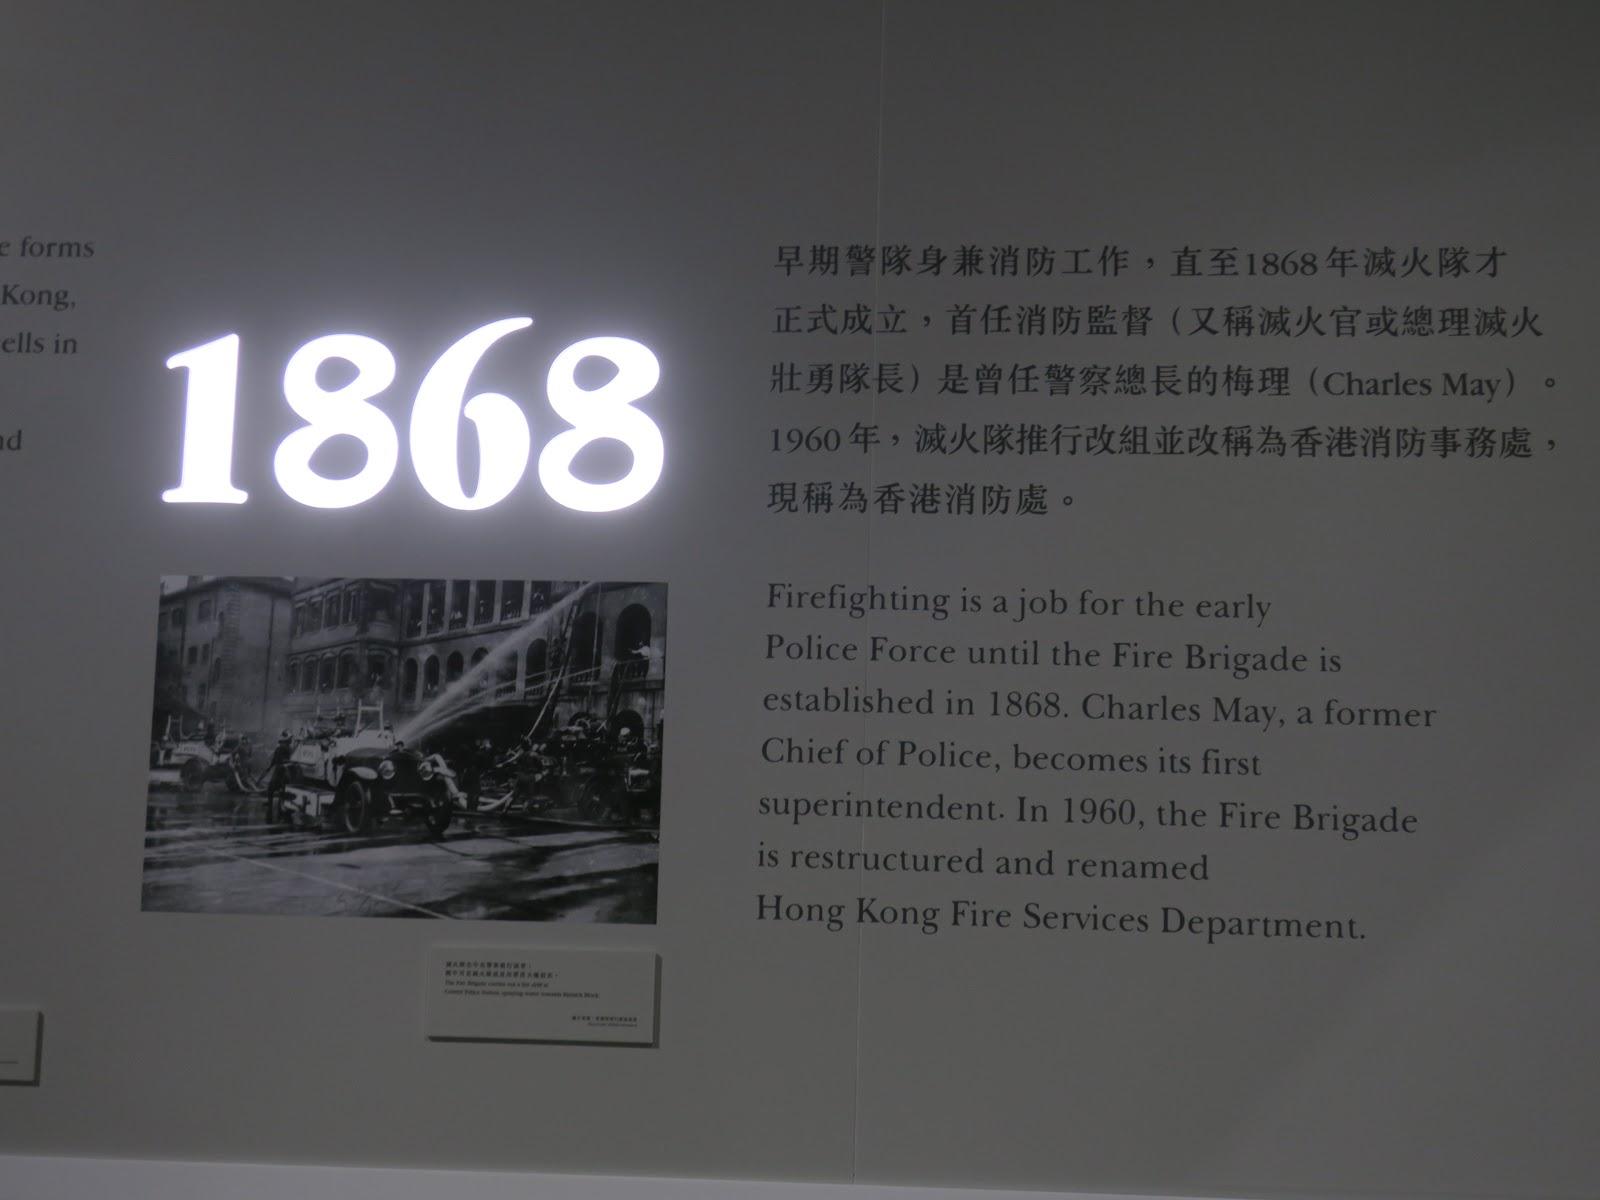 不丹: 是命中注定的旅程 Bhutan: It is Fate ~: 香港 - 展覽 -「大館101」@ 大館 - 即日至2019/9/22